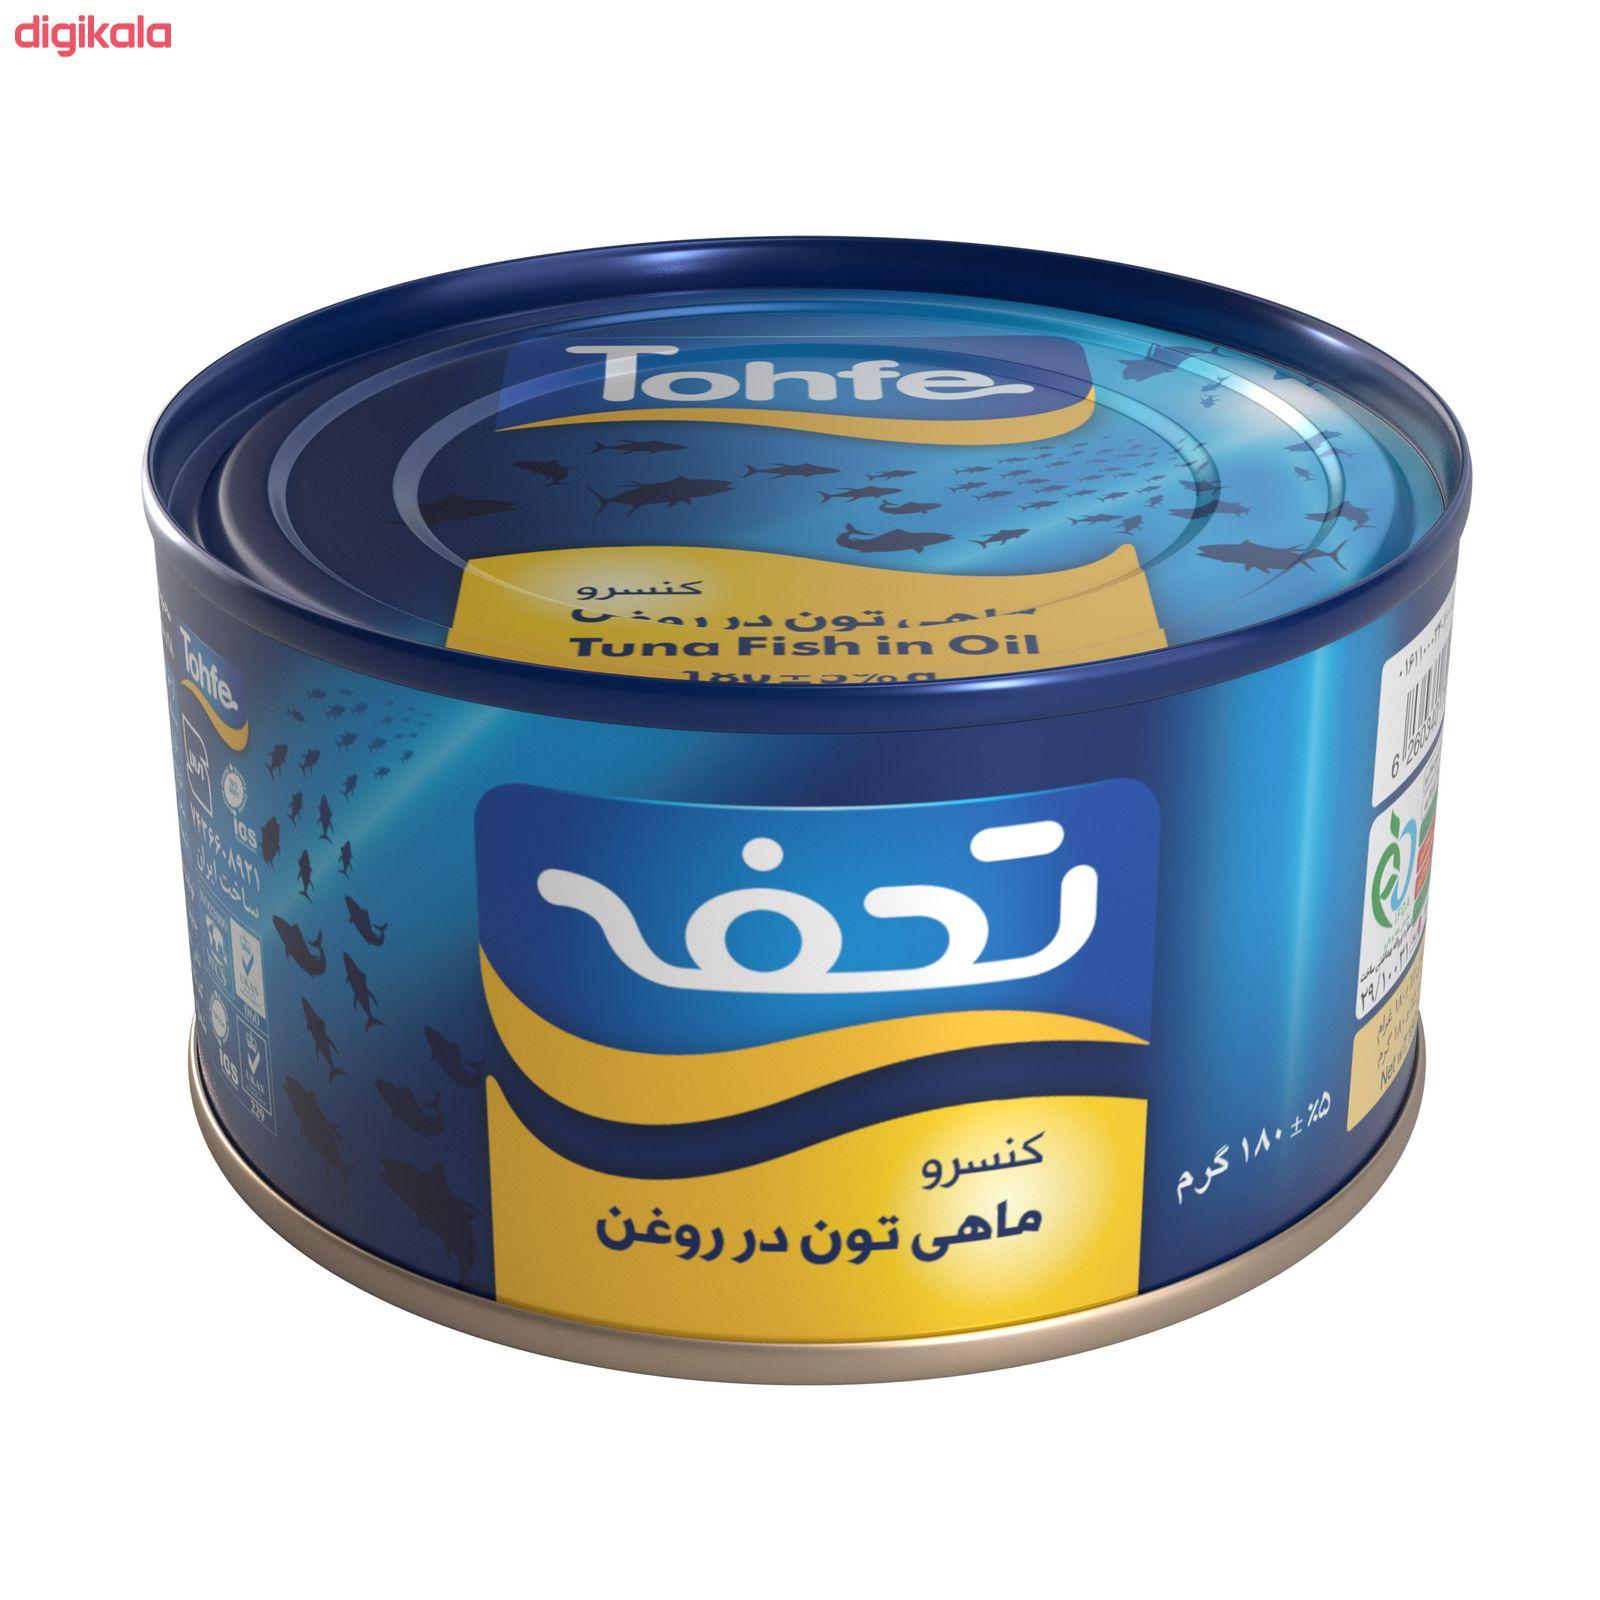 کنسرو ماهی تون در روغن تحفه - 180 گرم main 1 4